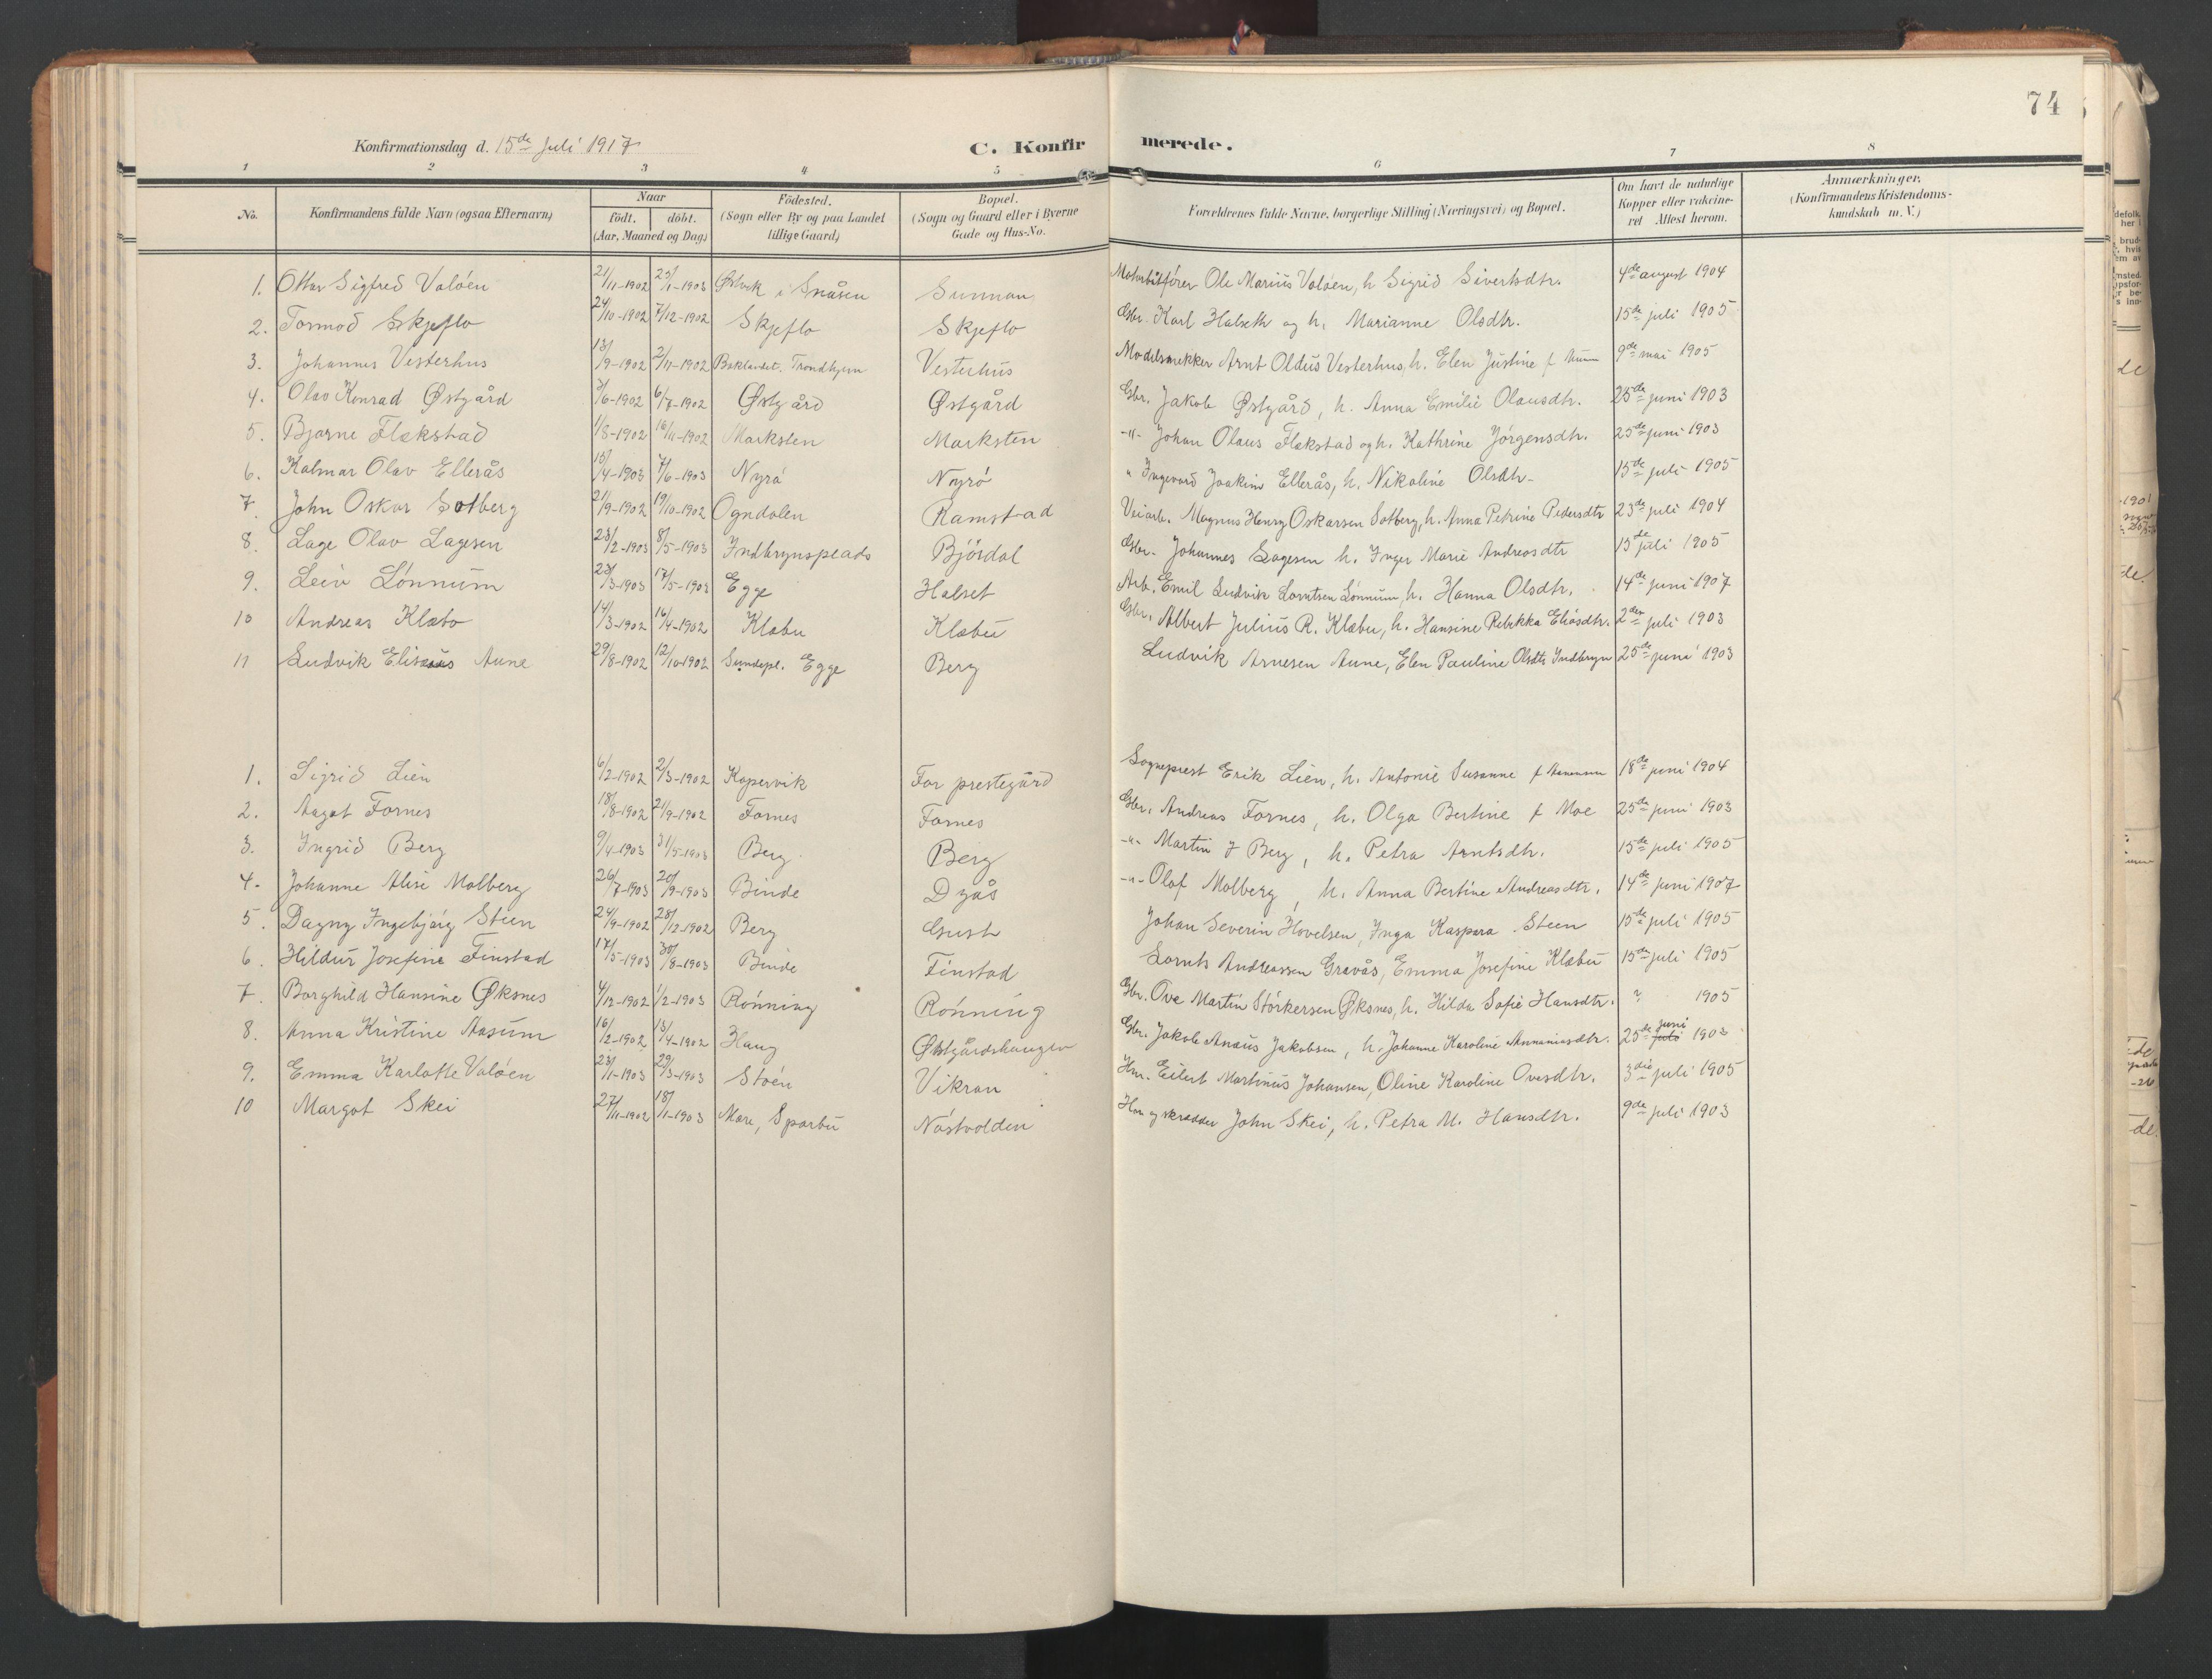 SAT, Ministerialprotokoller, klokkerbøker og fødselsregistre - Nord-Trøndelag, 746/L0455: Klokkerbok nr. 746C01, 1908-1933, s. 74